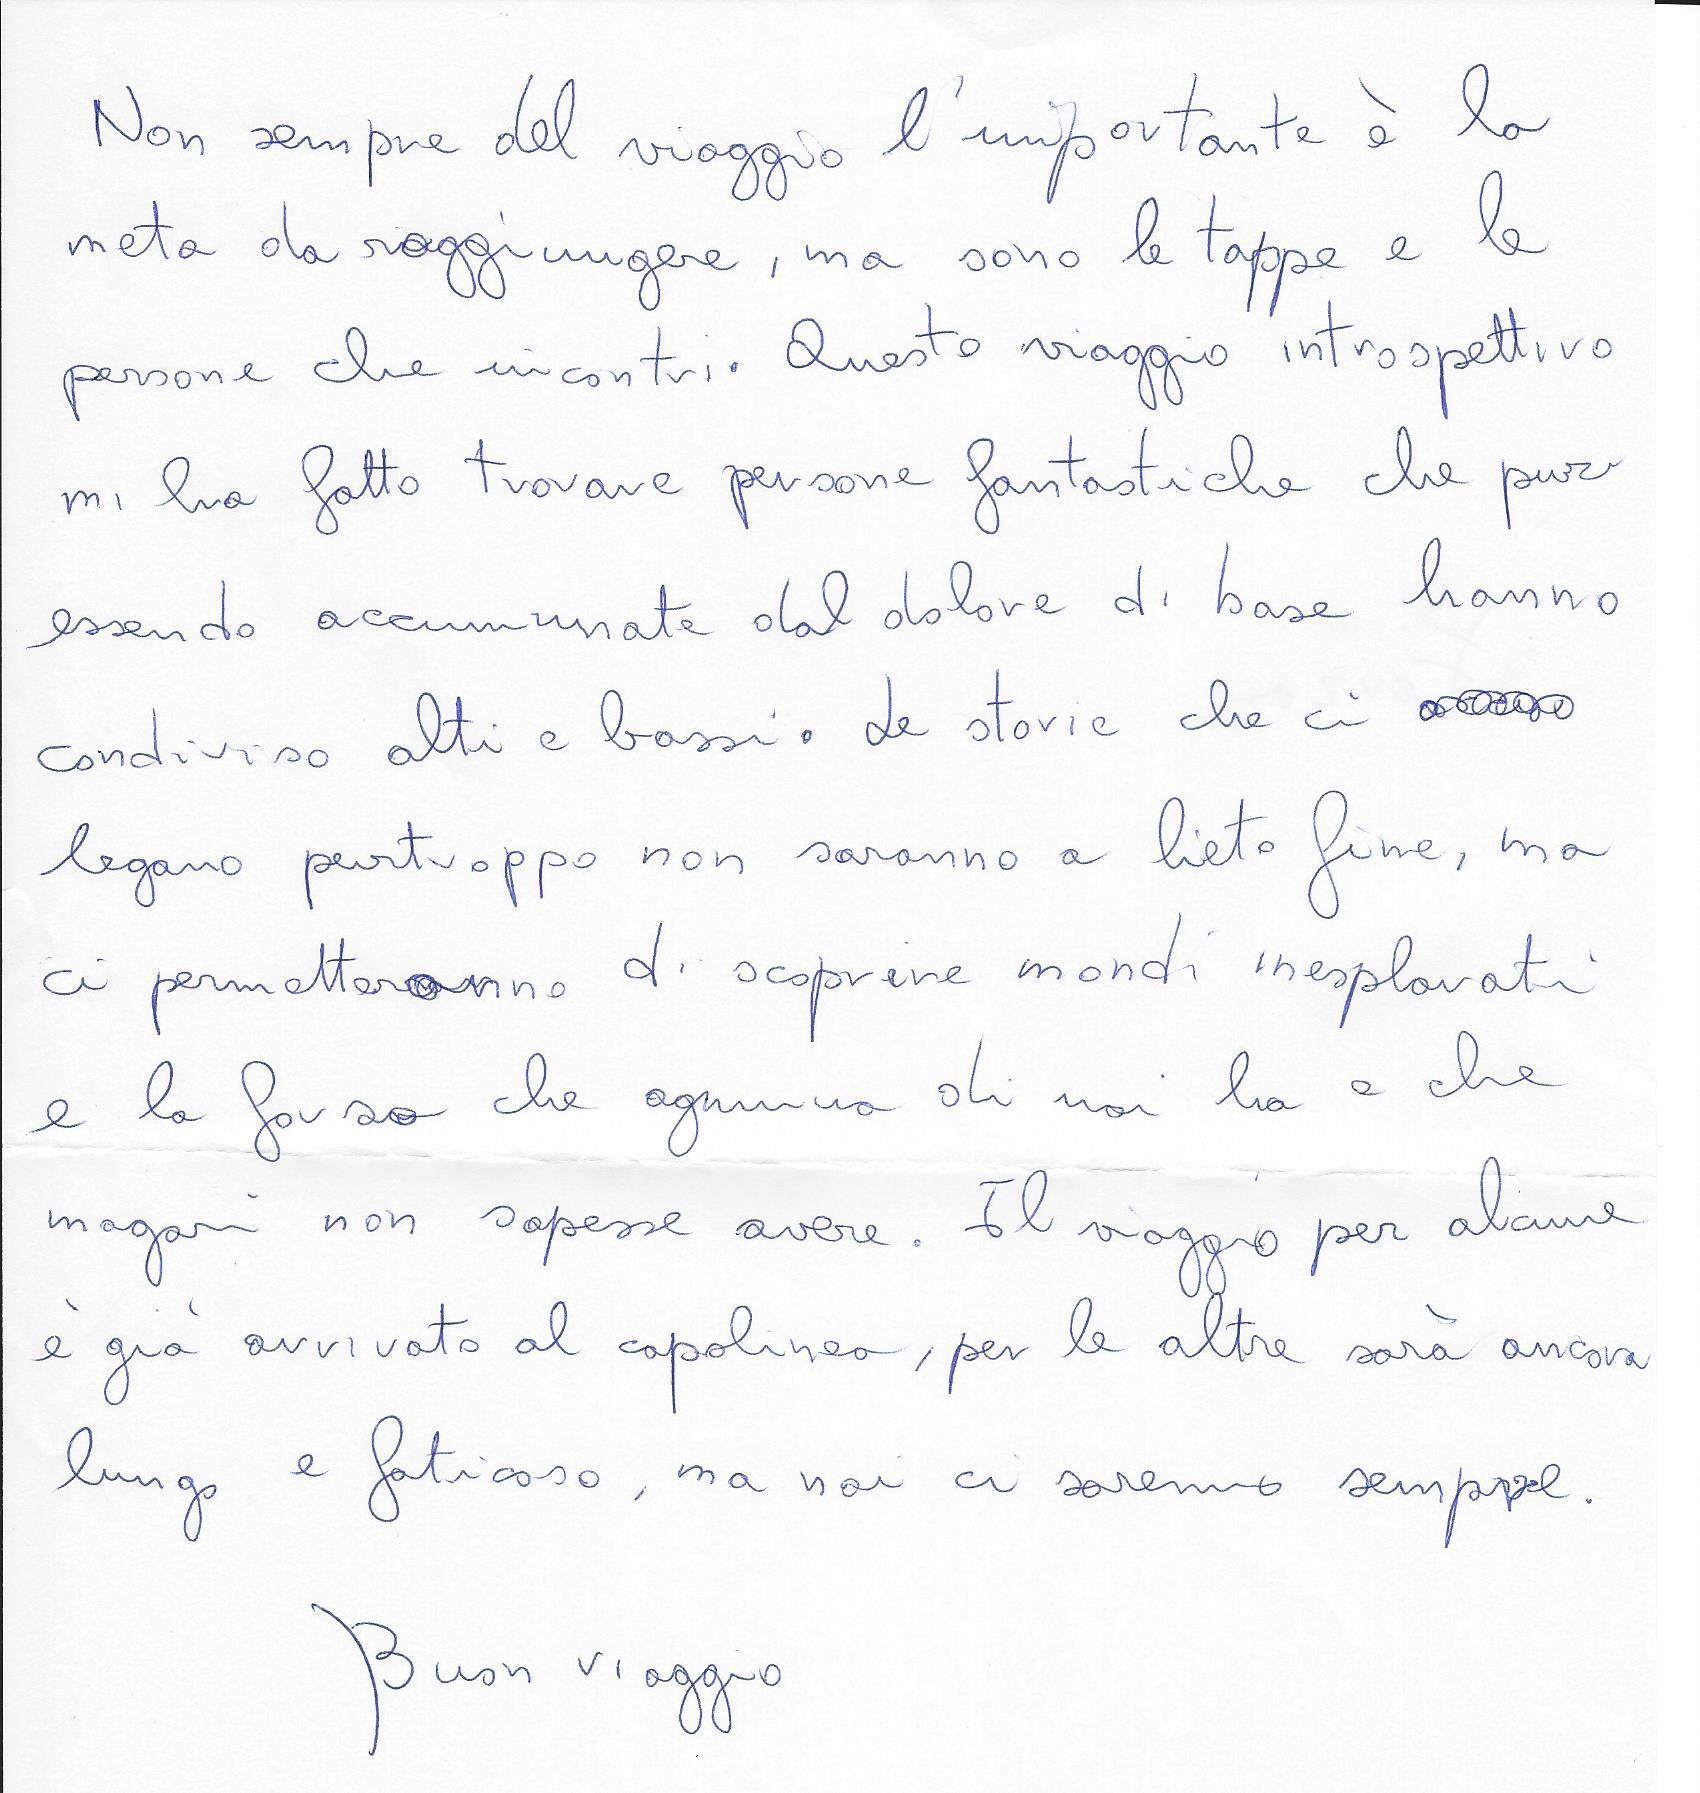 Lettera Simona Salvadorijpg